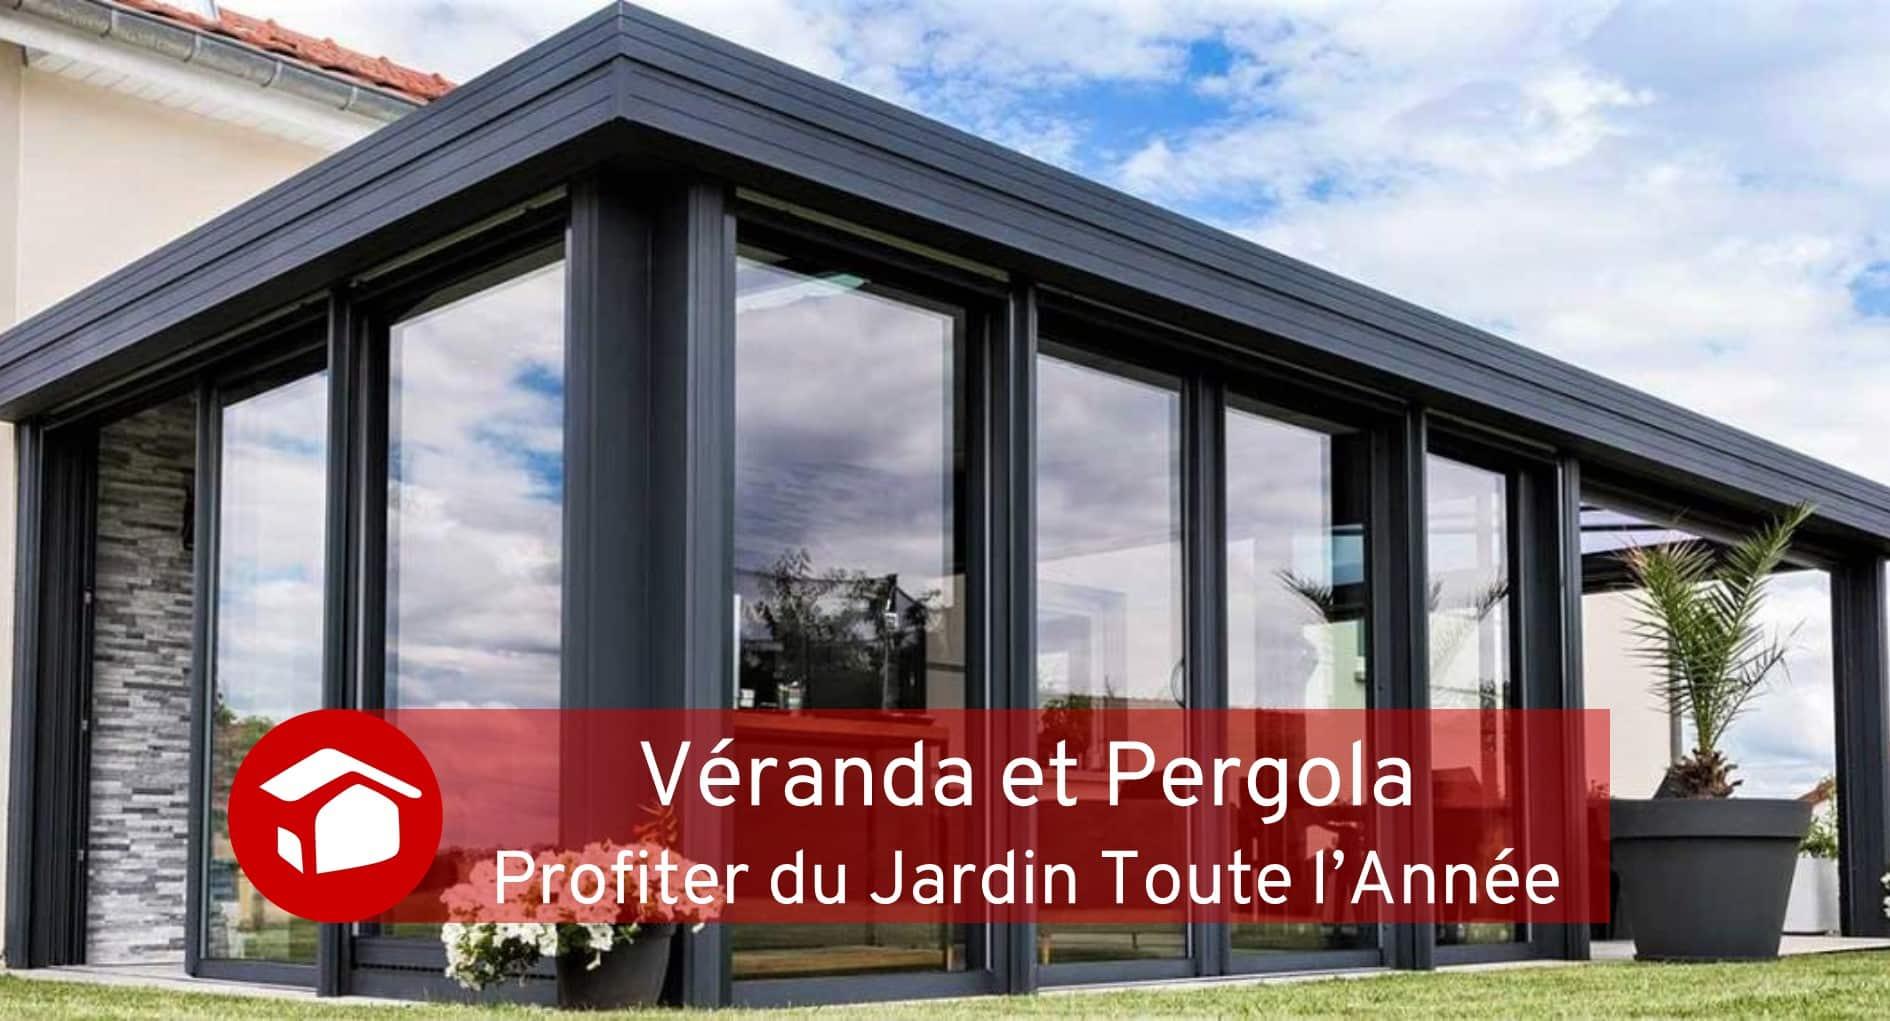 Véranda et Pergola Courtier Travaux Meilleur Projet